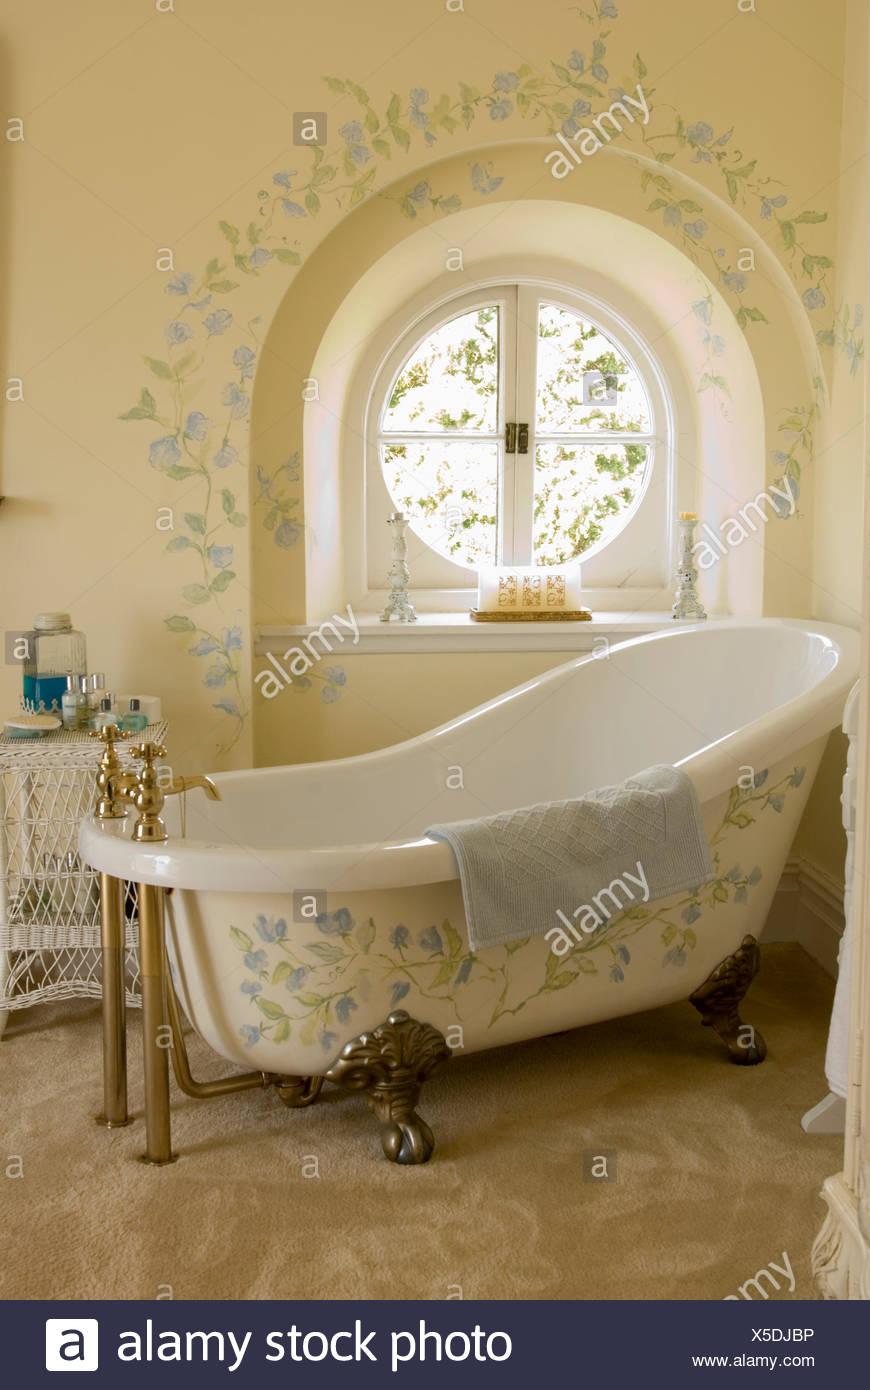 Creme Bad Mit Floraler Bemalung Auf Rolltop Bad Vor Kreisrundes Fenster Mit  Passenden Dekoration An Wand